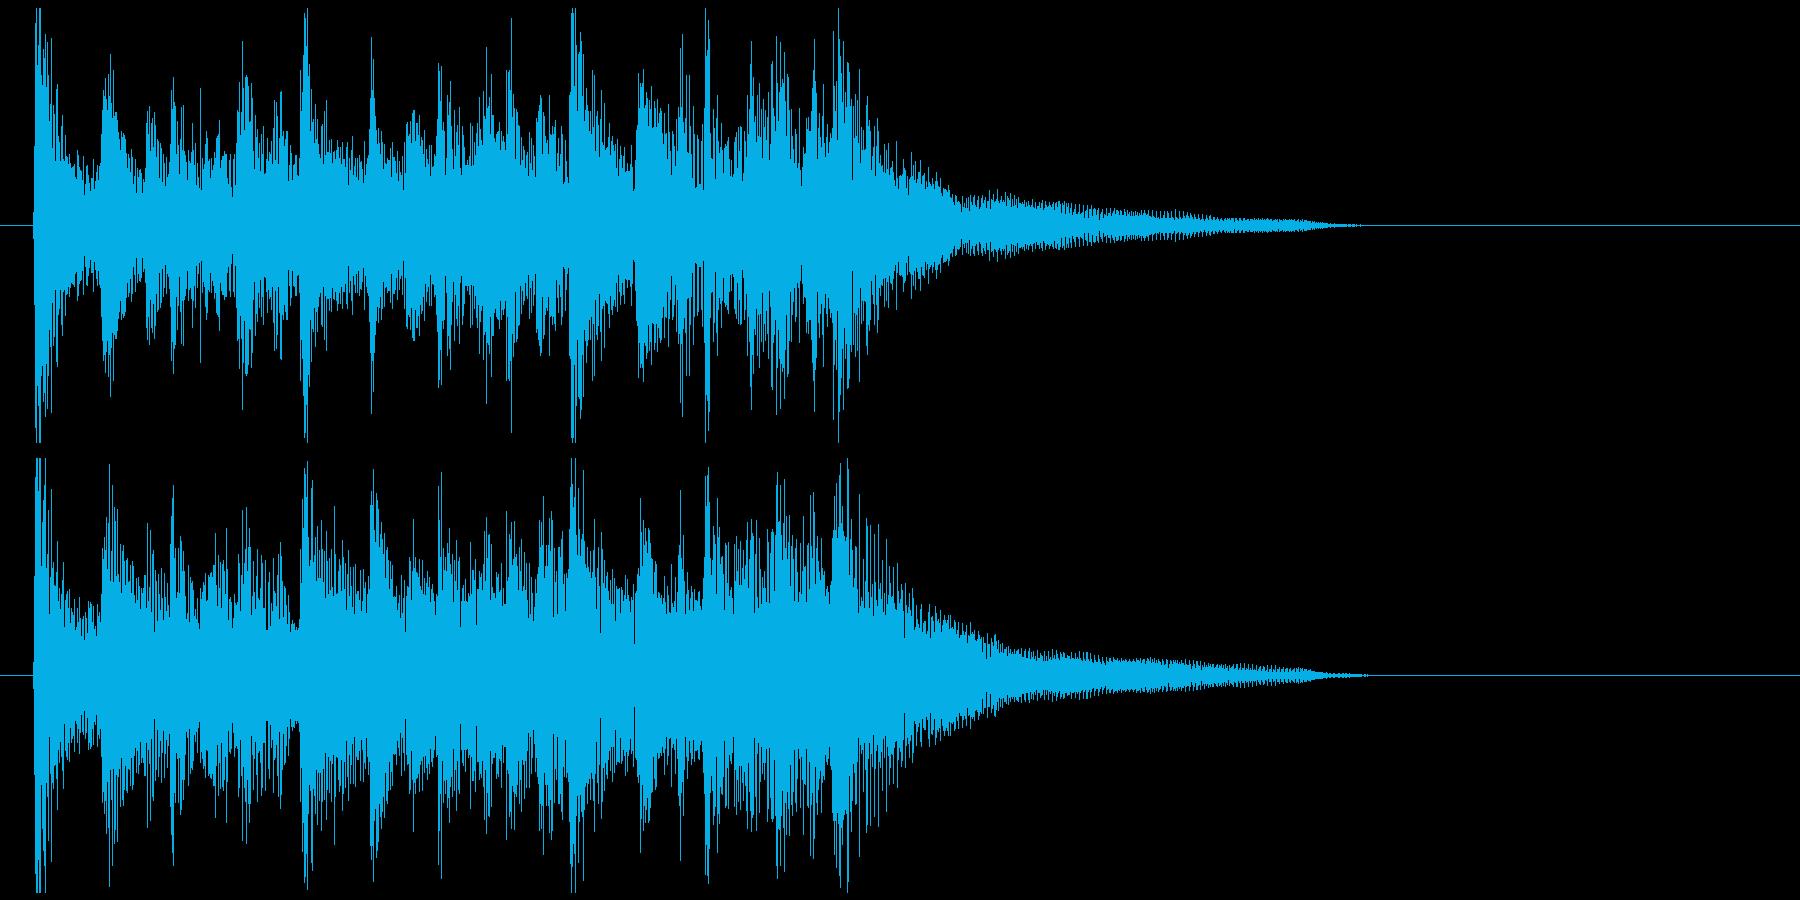 ウクレレ生演奏のハワイっぽい元気ジングルの再生済みの波形